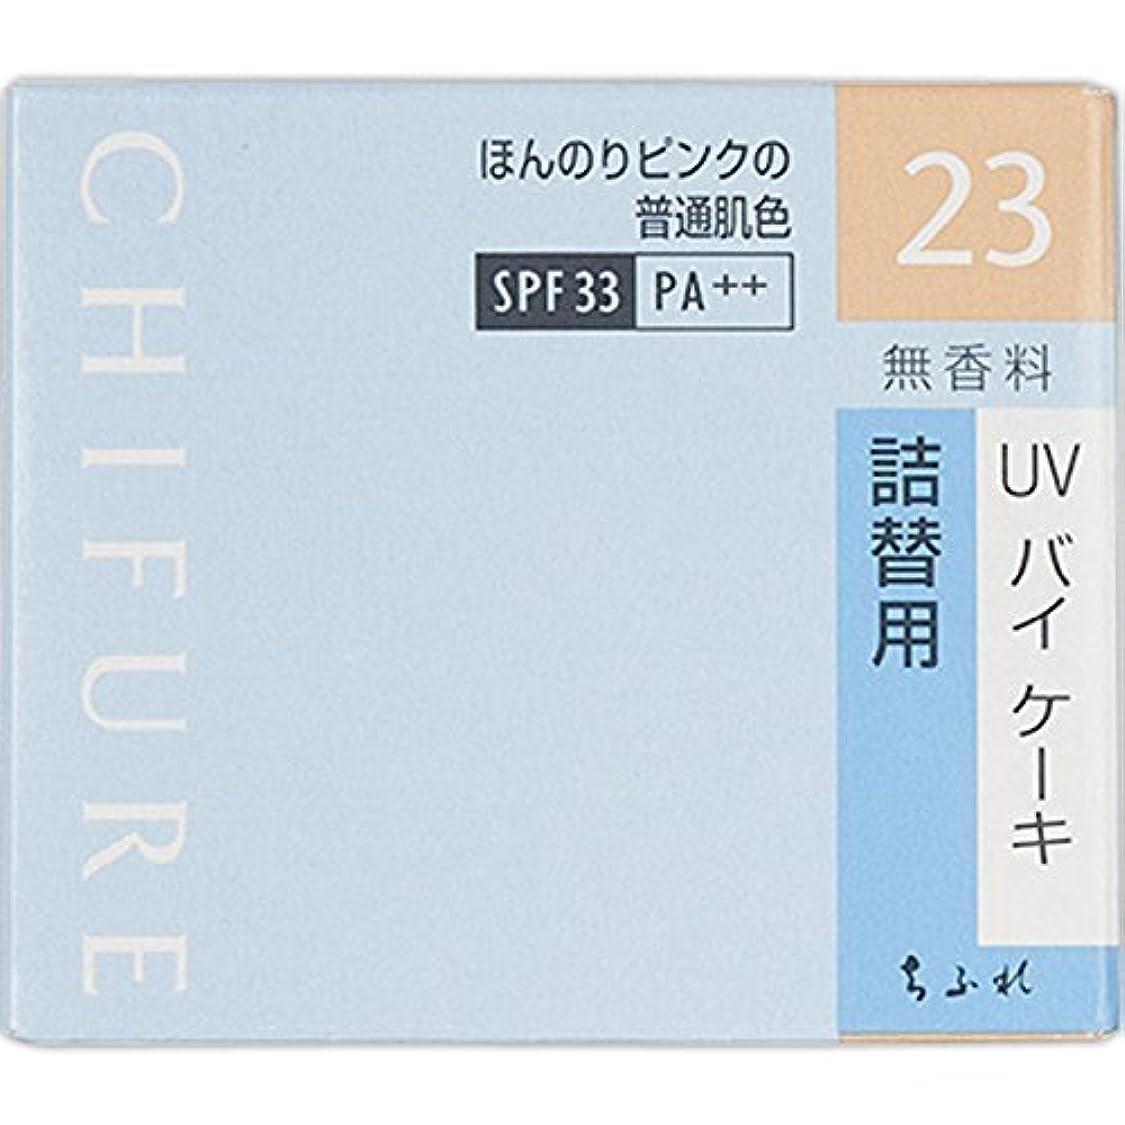 暫定水分前任者ちふれ化粧品 UV バイ ケーキ 詰替用 23 ほんのりピンク普通肌色 14g